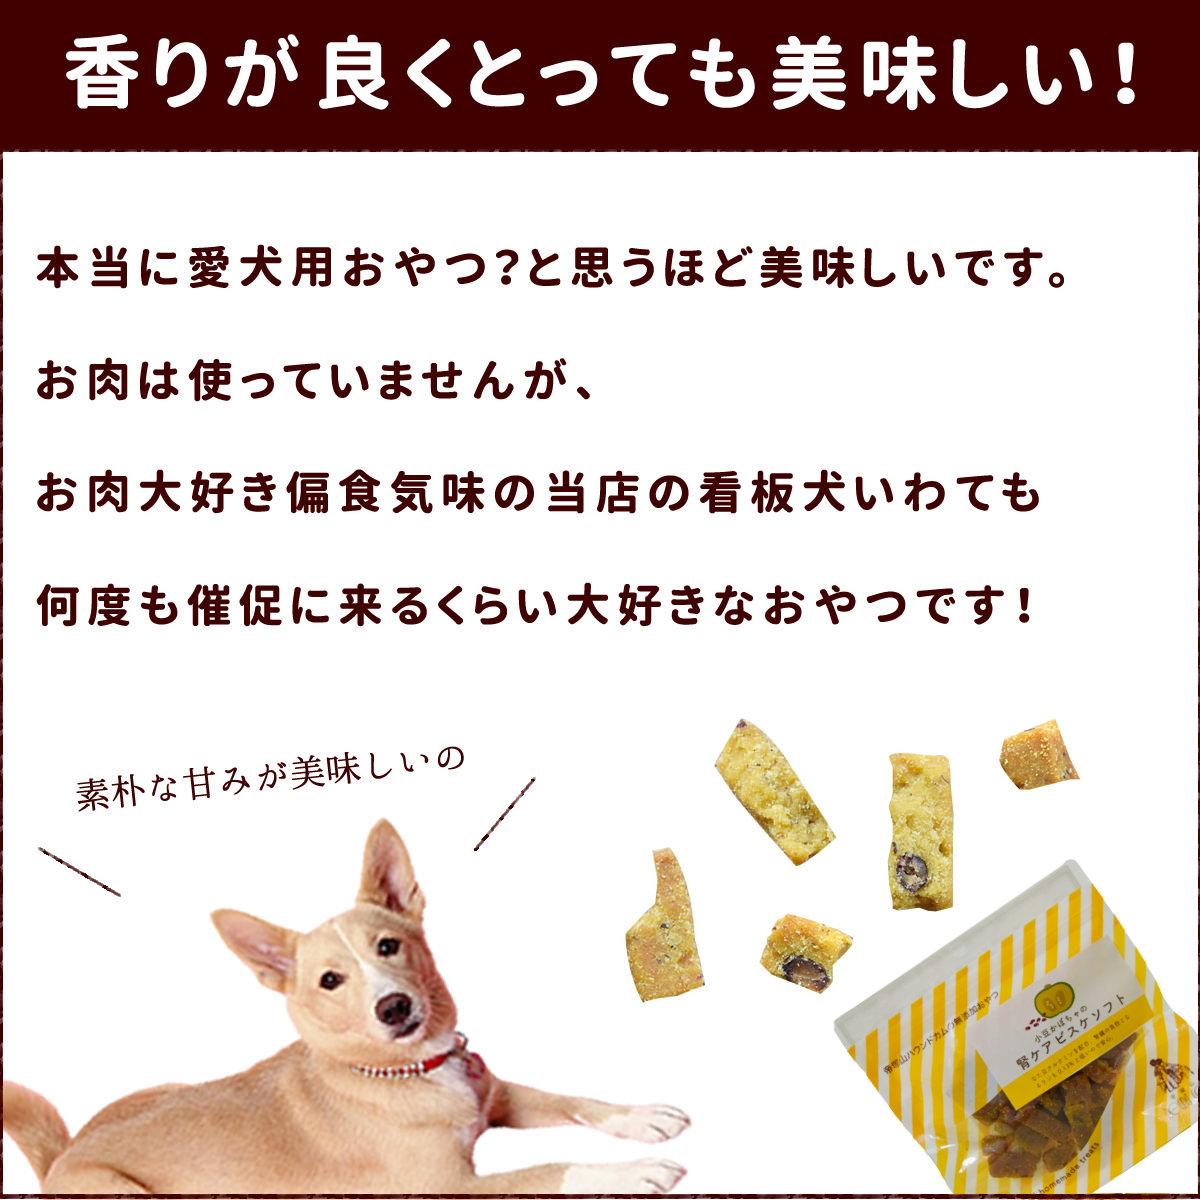 犬用無添加おやつ|小豆かぼちゃの腎ケアビスケソフト60g